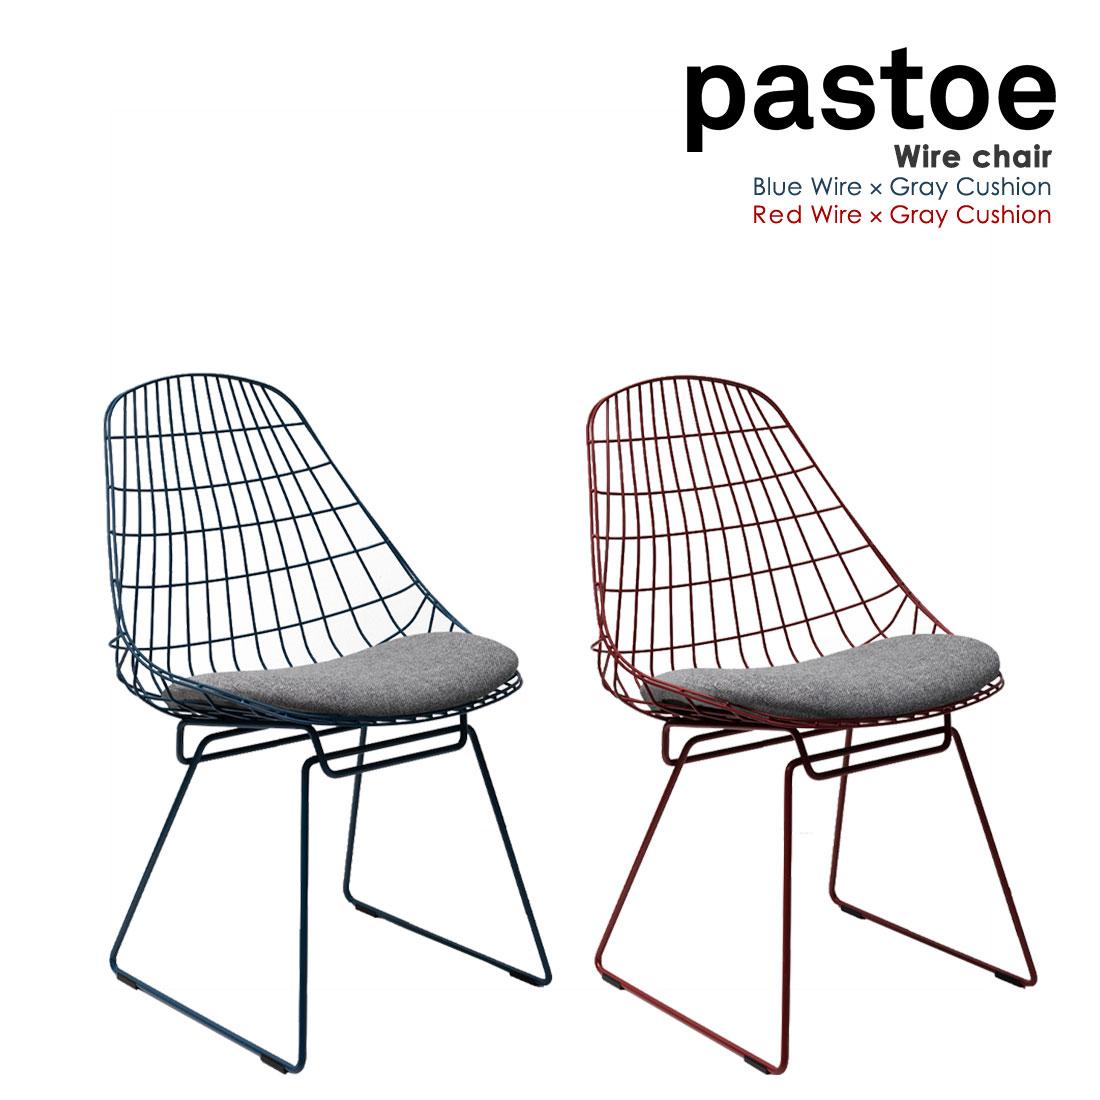 【pastoe/パストー】 ワイヤーチェアケース・ブラークマン/オランダ/スチール/チェア/椅子